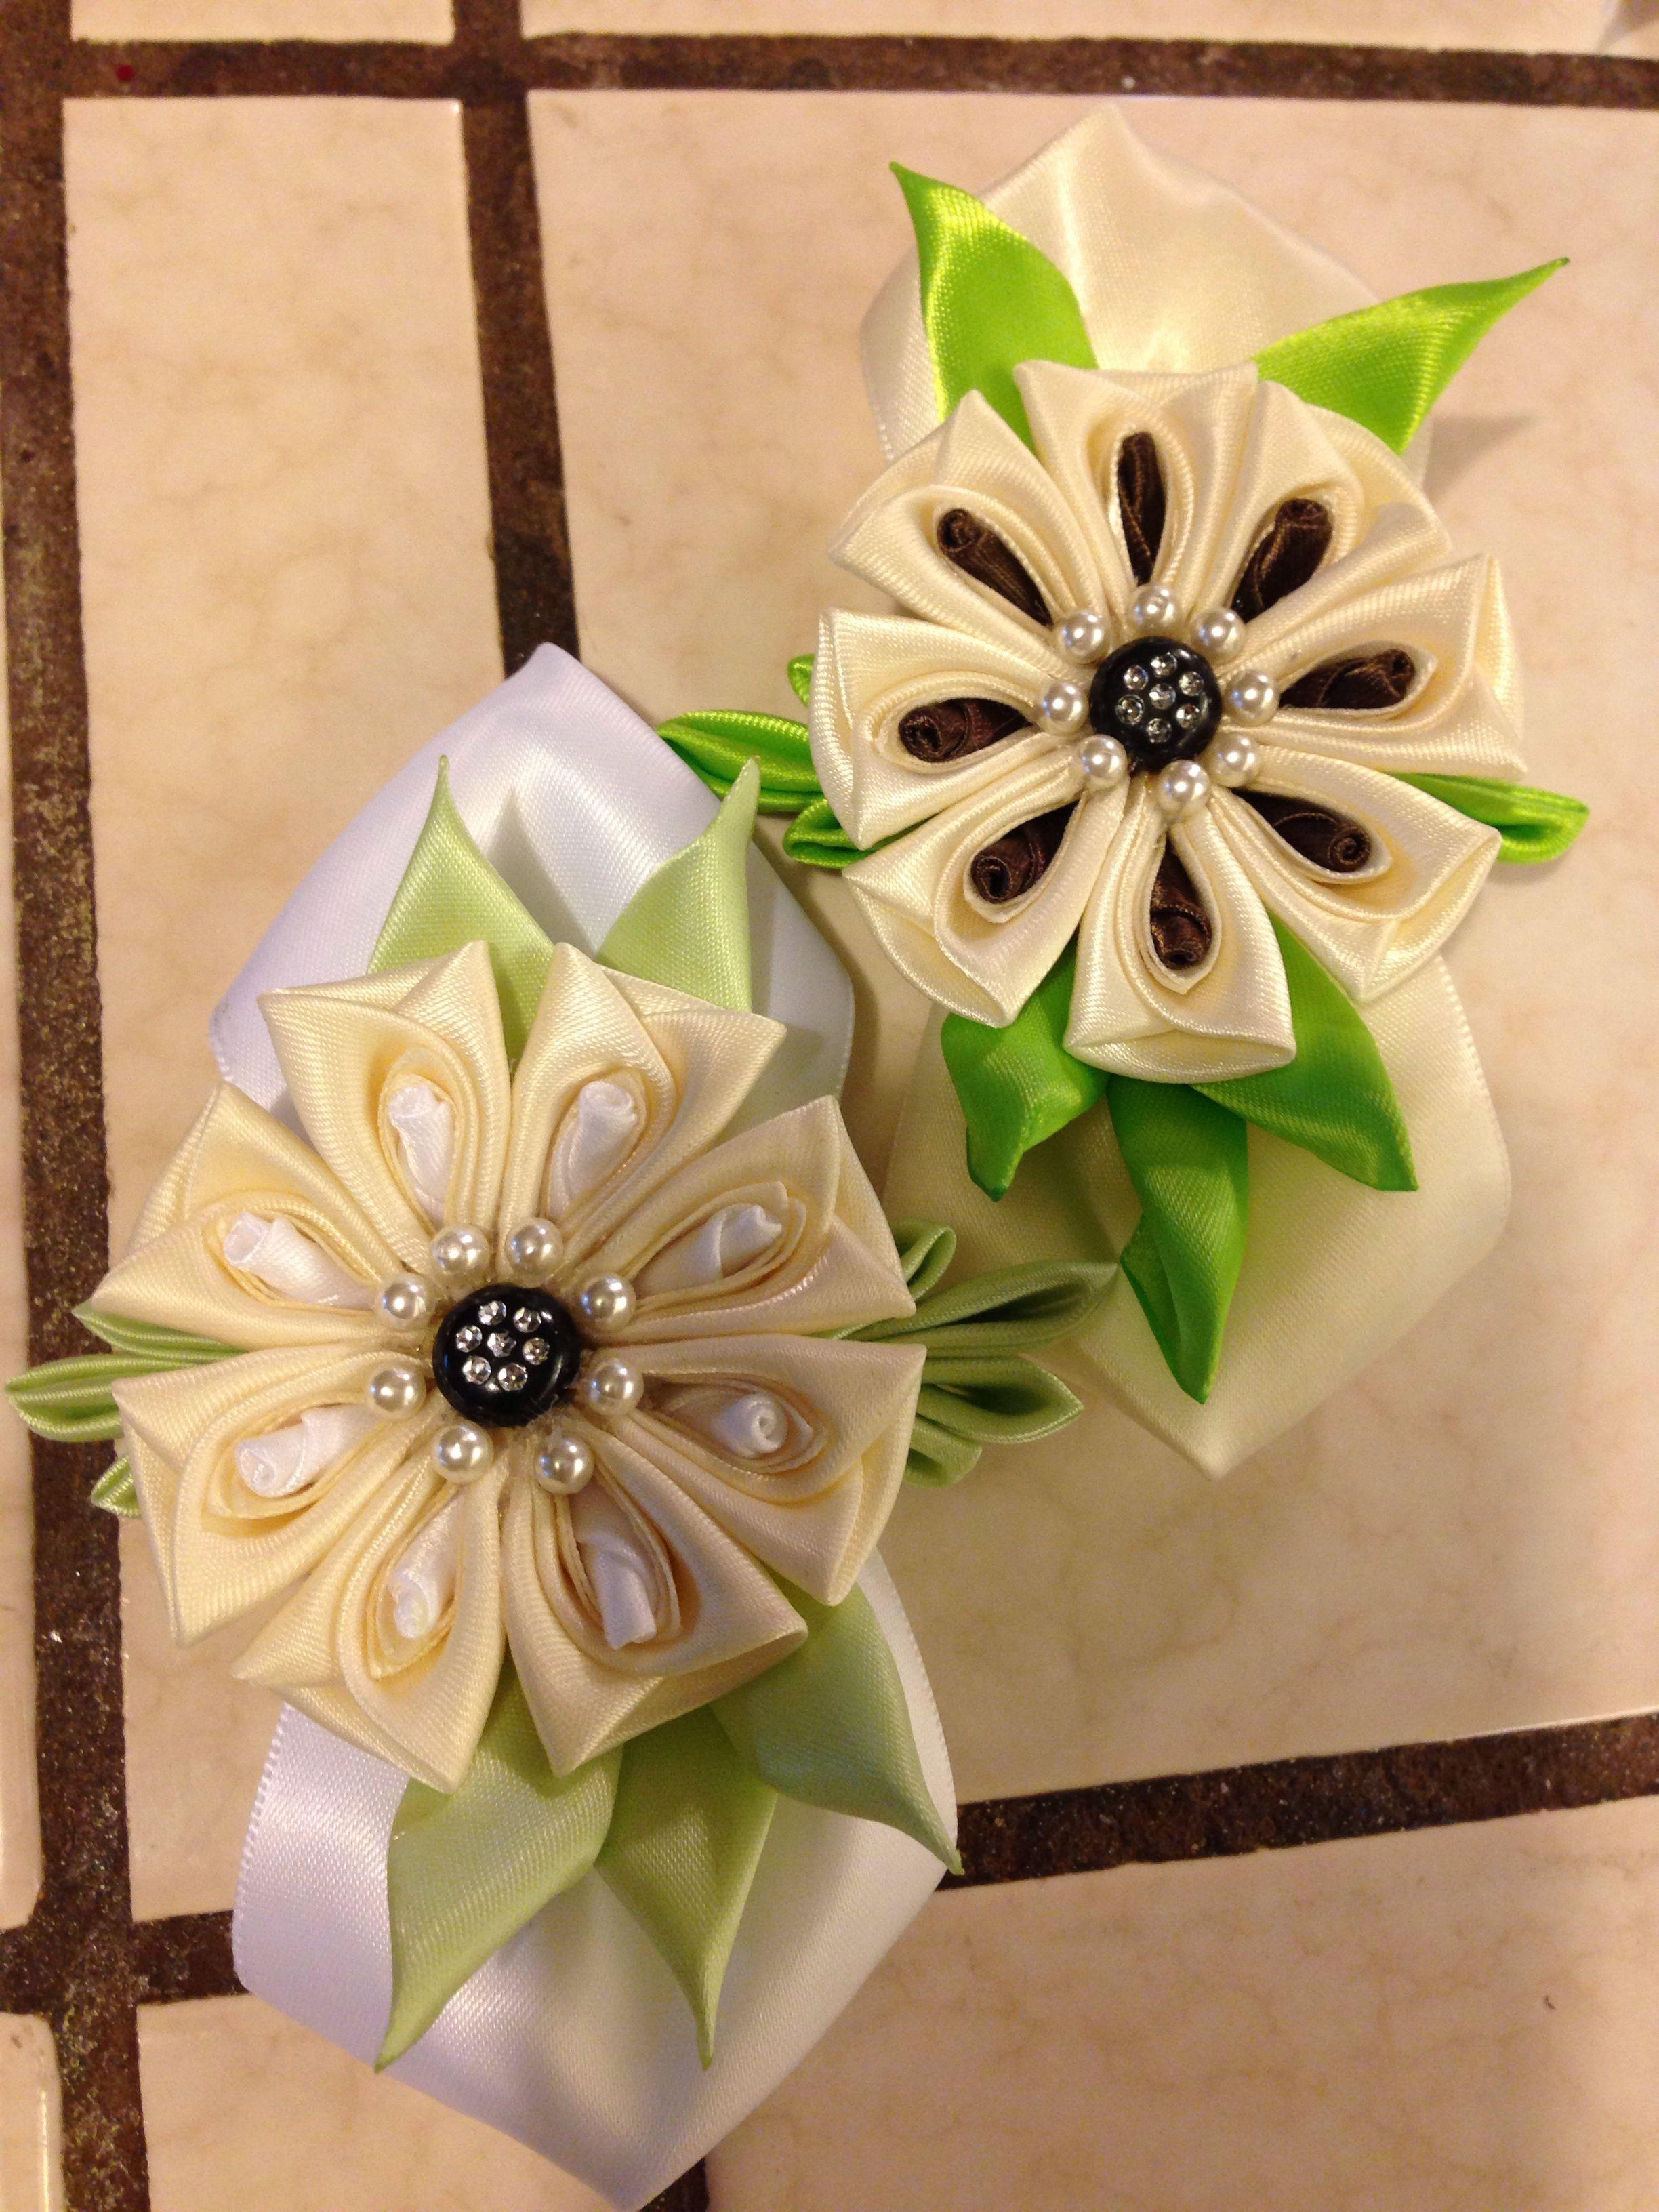 825f9a3d93f Čelenky · Kvety · Very detailed Kanzashi flower. Made by Irma Louisa.  Látkové Kvety